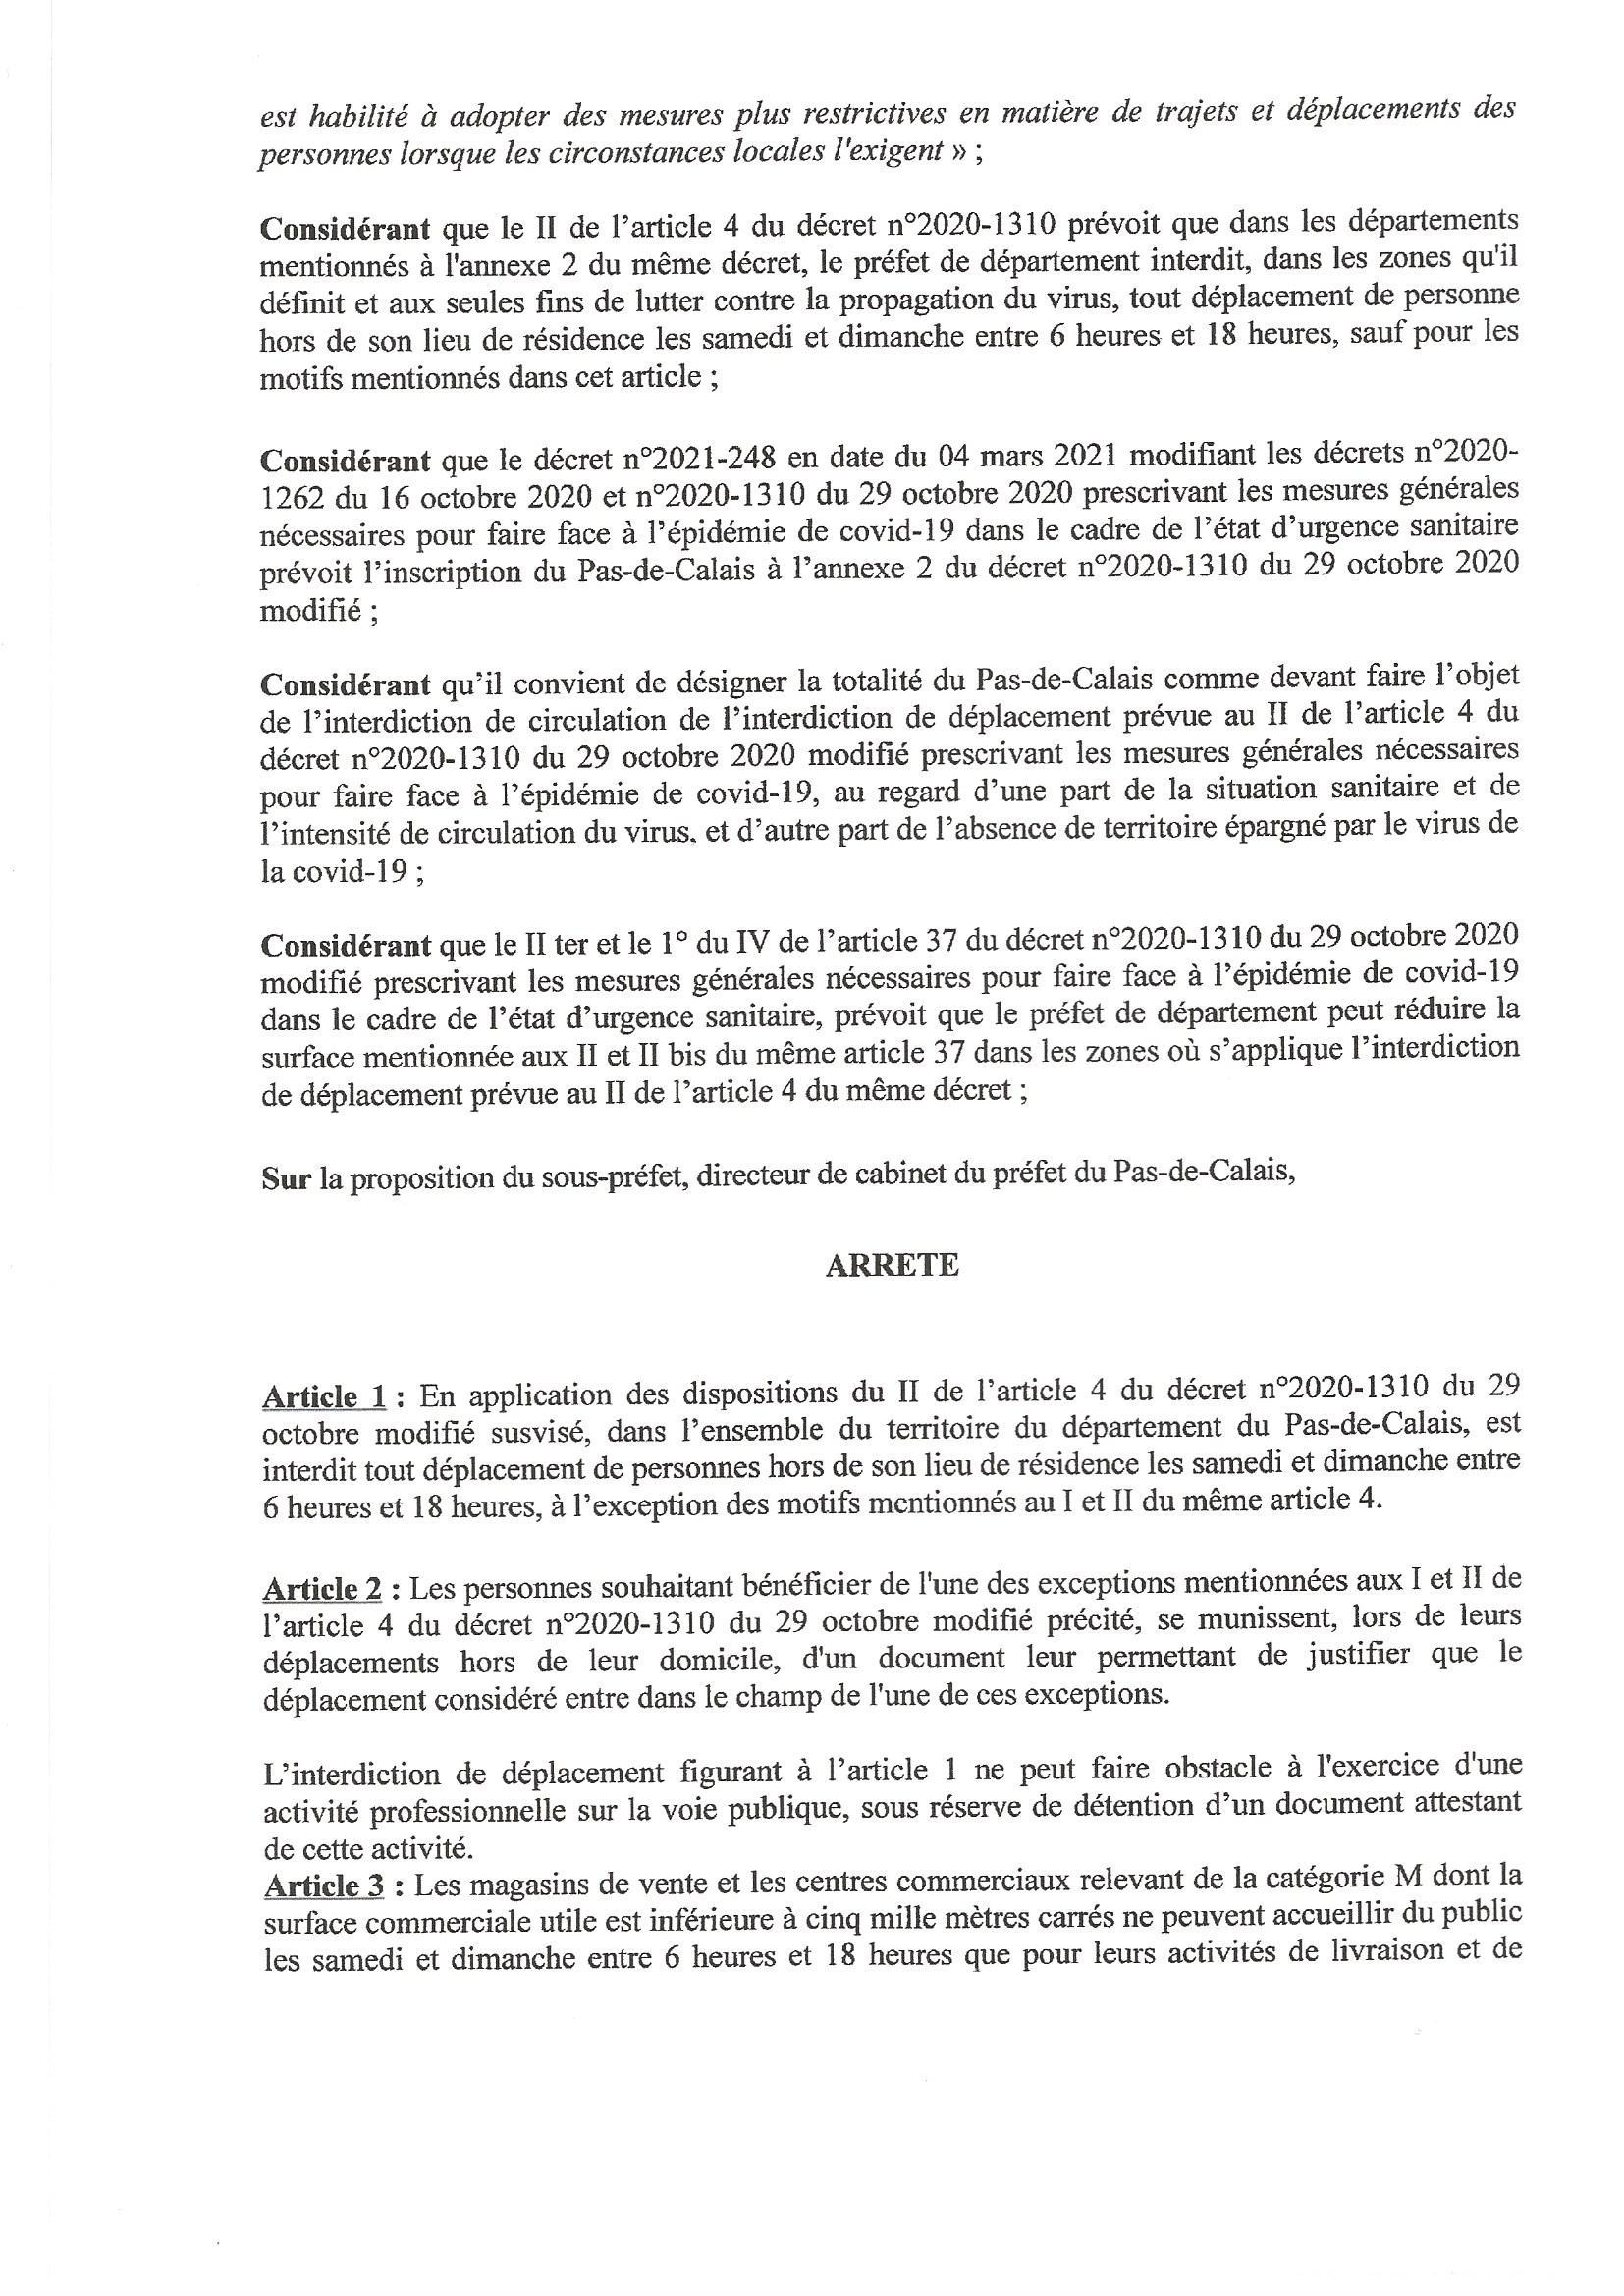 ACCUEIL DU PUBLIC_0003